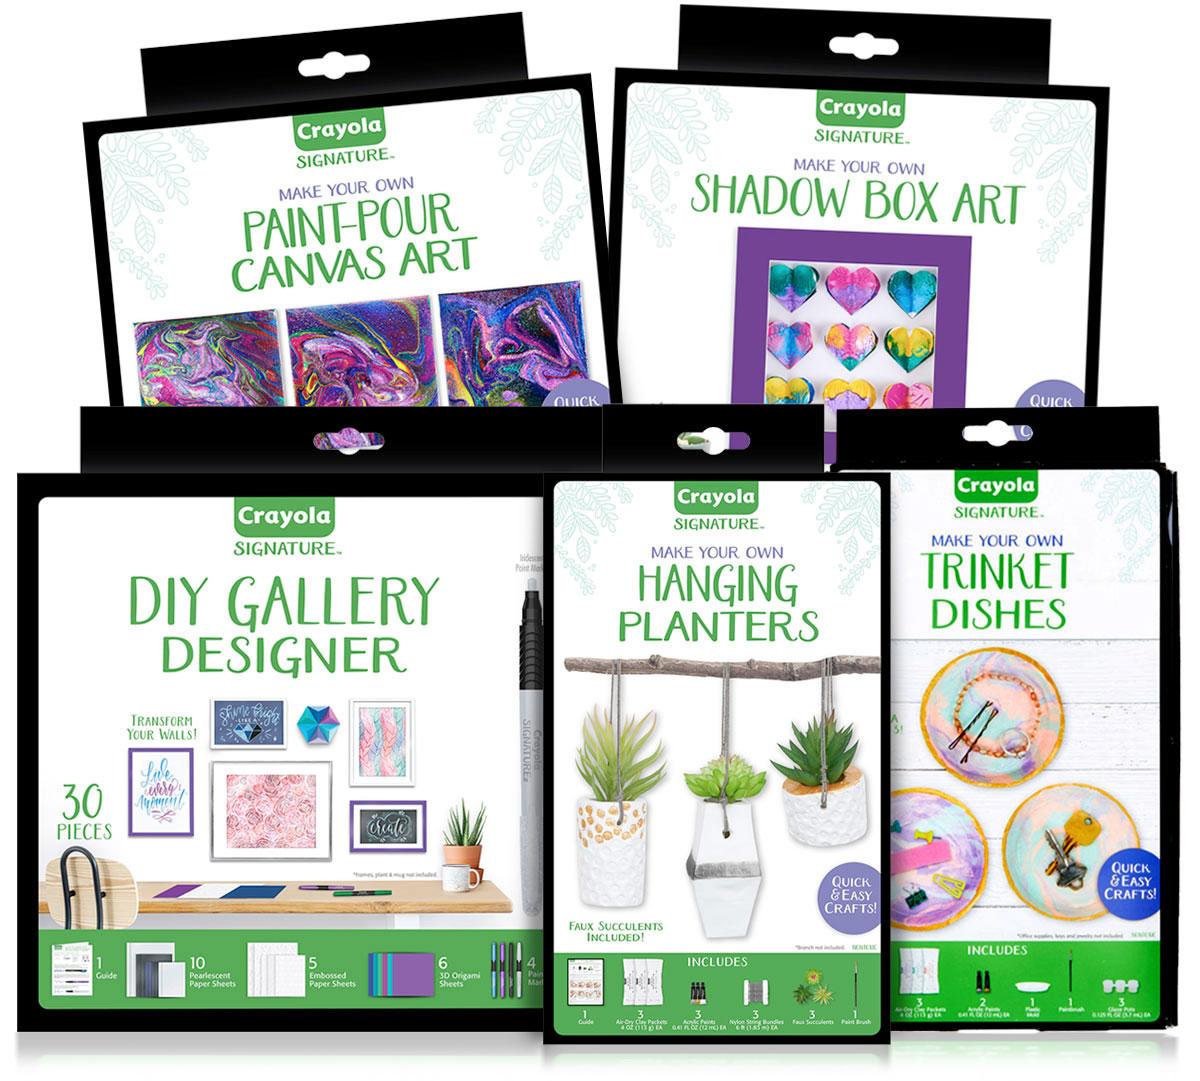 Signature Adult Craft Kit Gift Set, You Pick   Crayola.com   Crayola